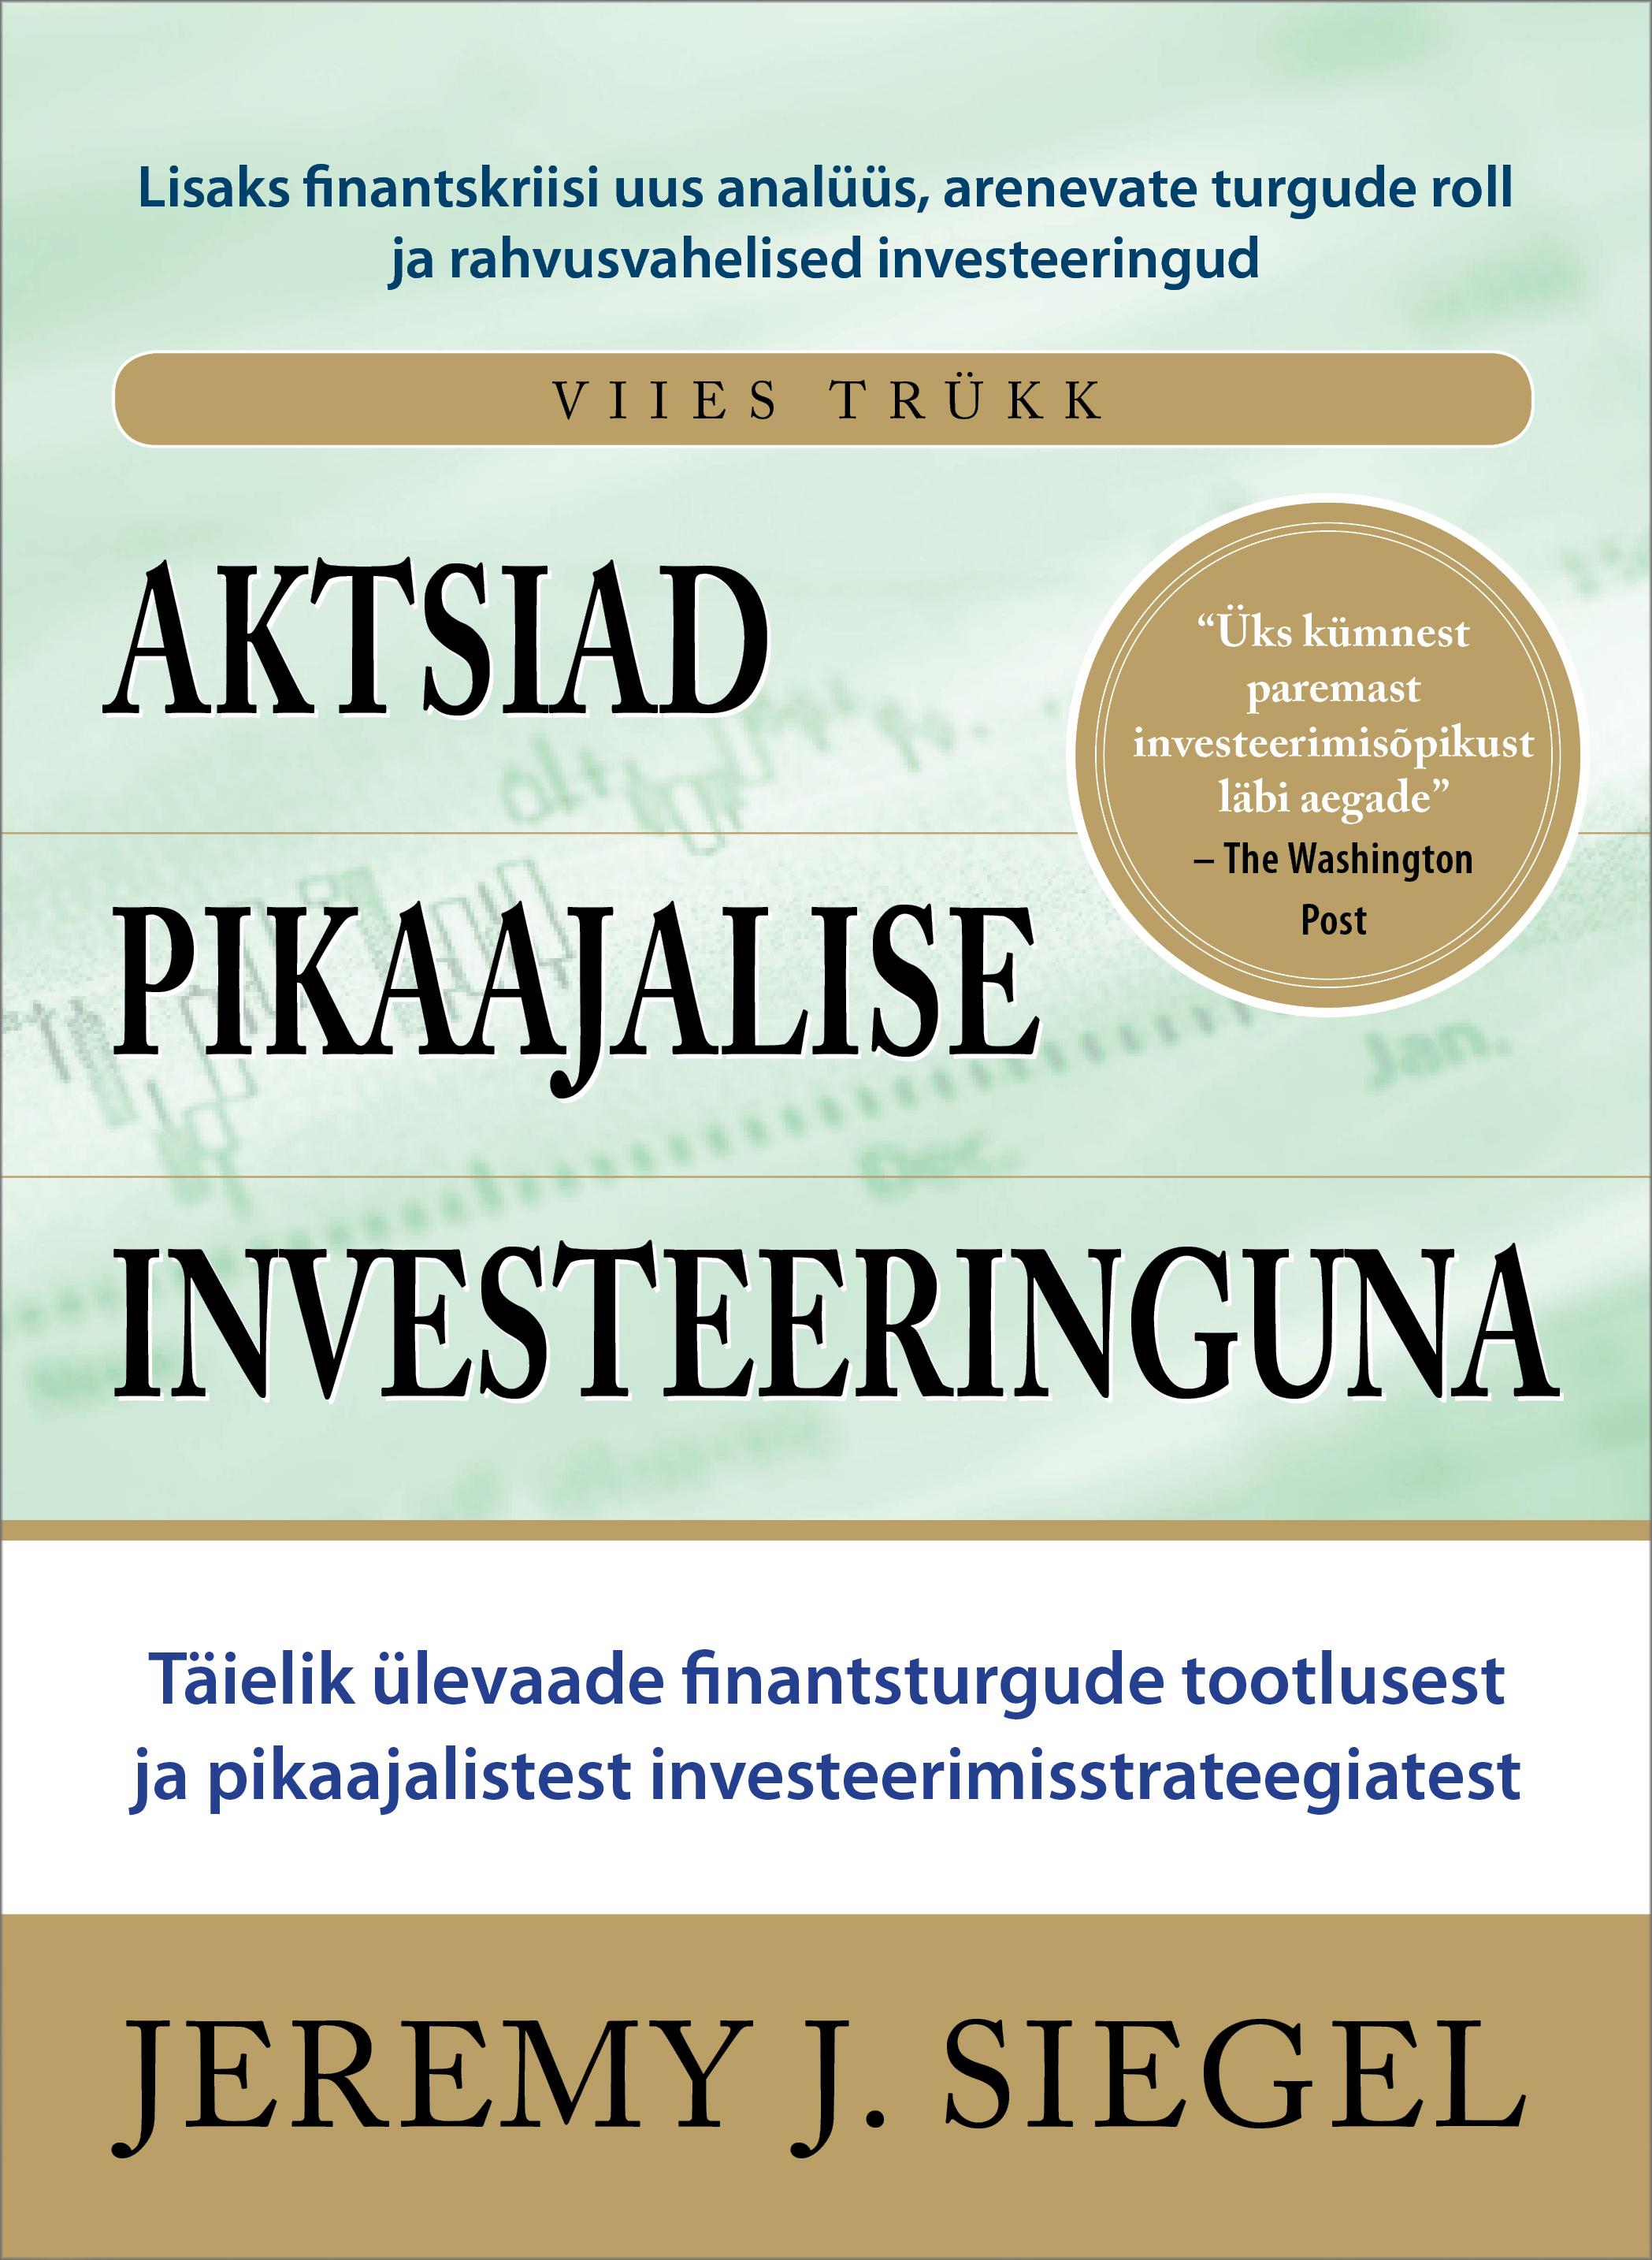 Aktsiad pikaajalise investeeringuna